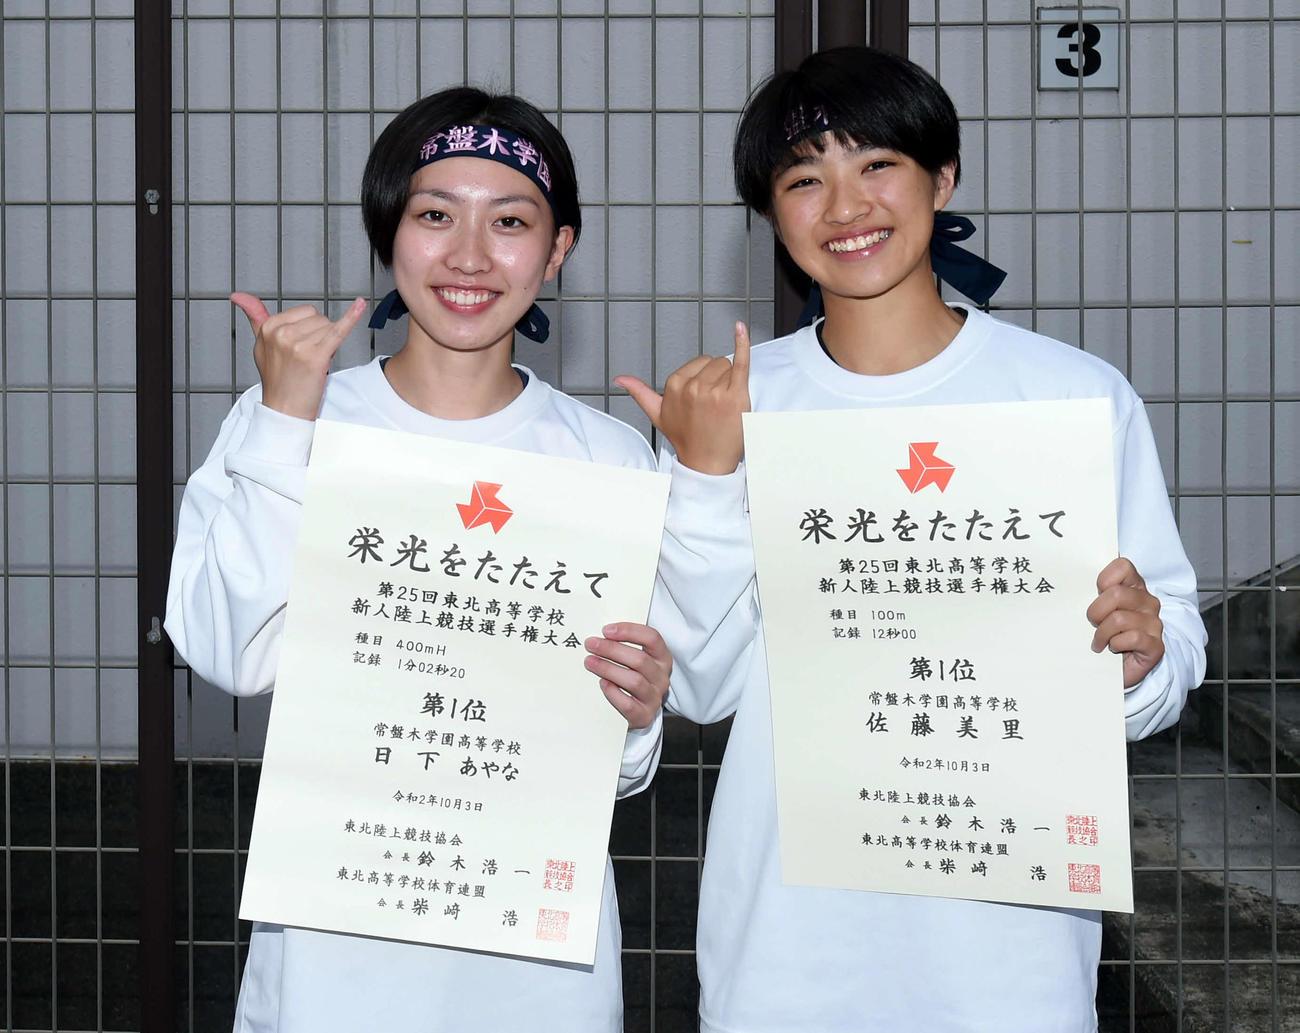 東北大会ダブルで優勝の常盤木学園・日下(左)と佐藤